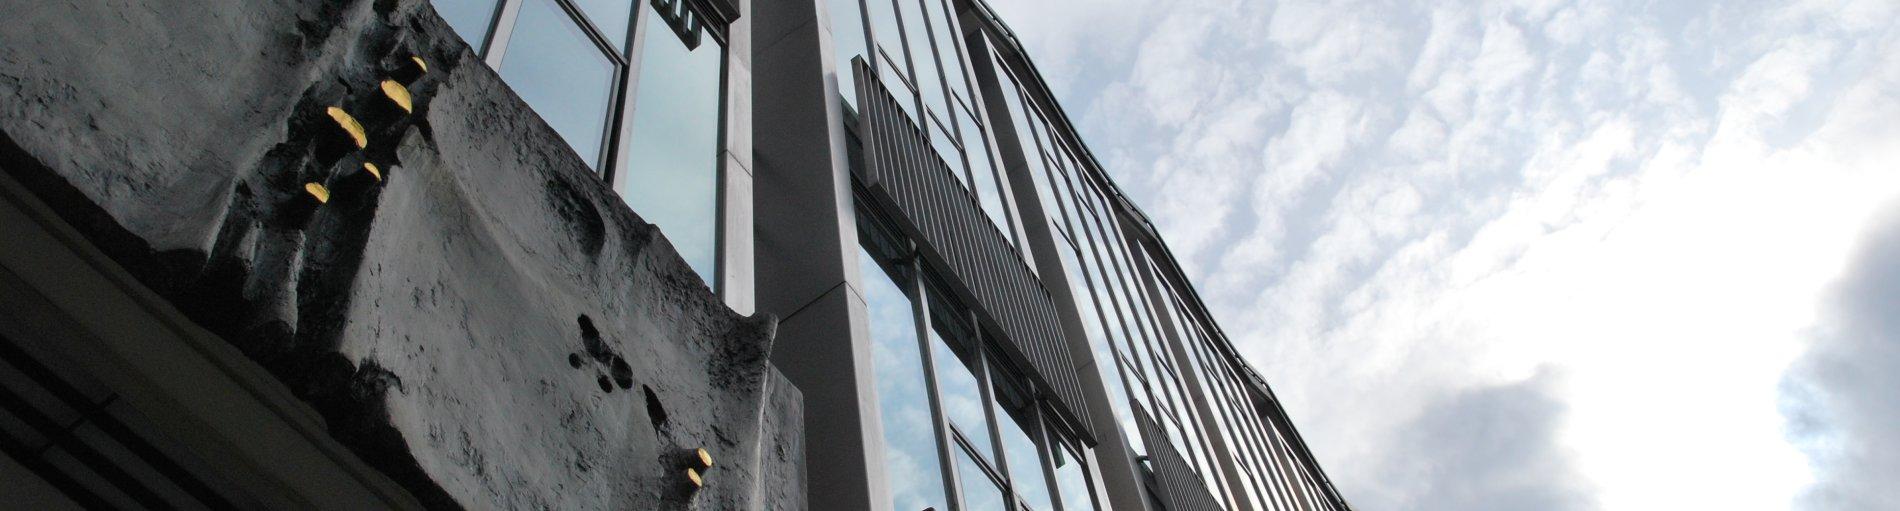 Blick von unten auf die Fassade der Bremer Bürgerschaft